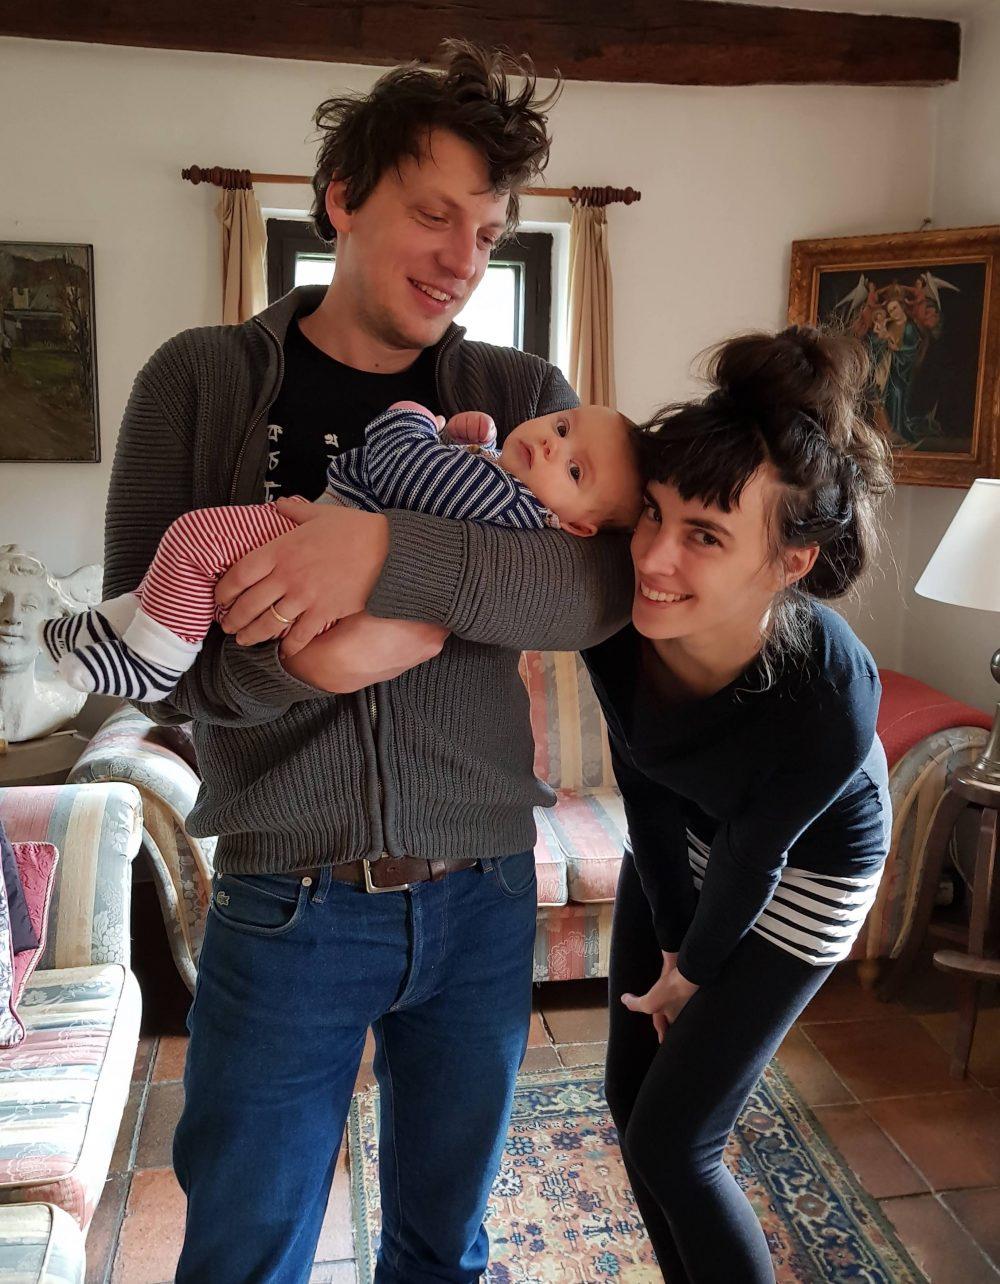 Gréta Štechová, was born on Monday October 9th,2017 at 8:00am in Jablonec nad Nisou, Czech Republic to Maya Štechová and Adam Štech.